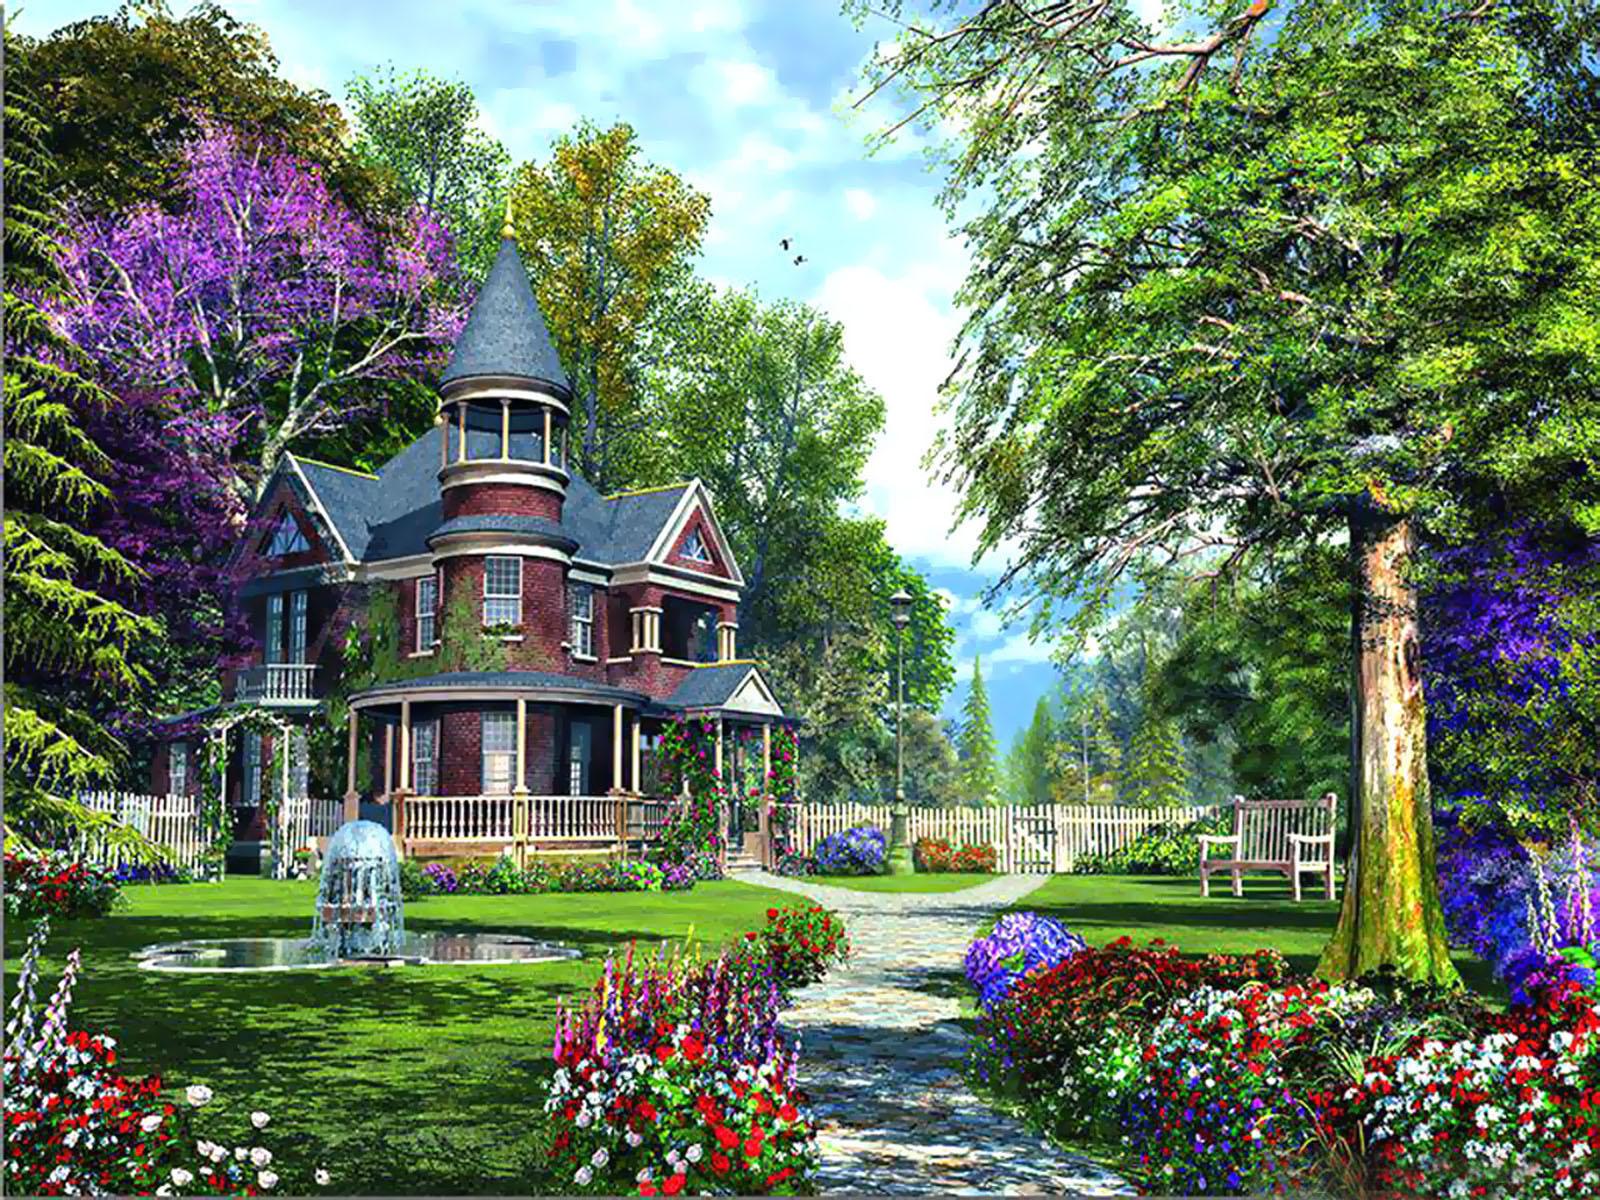 hd flower garden wallpaper 1600x1200 - Flower Garden Wallpaper